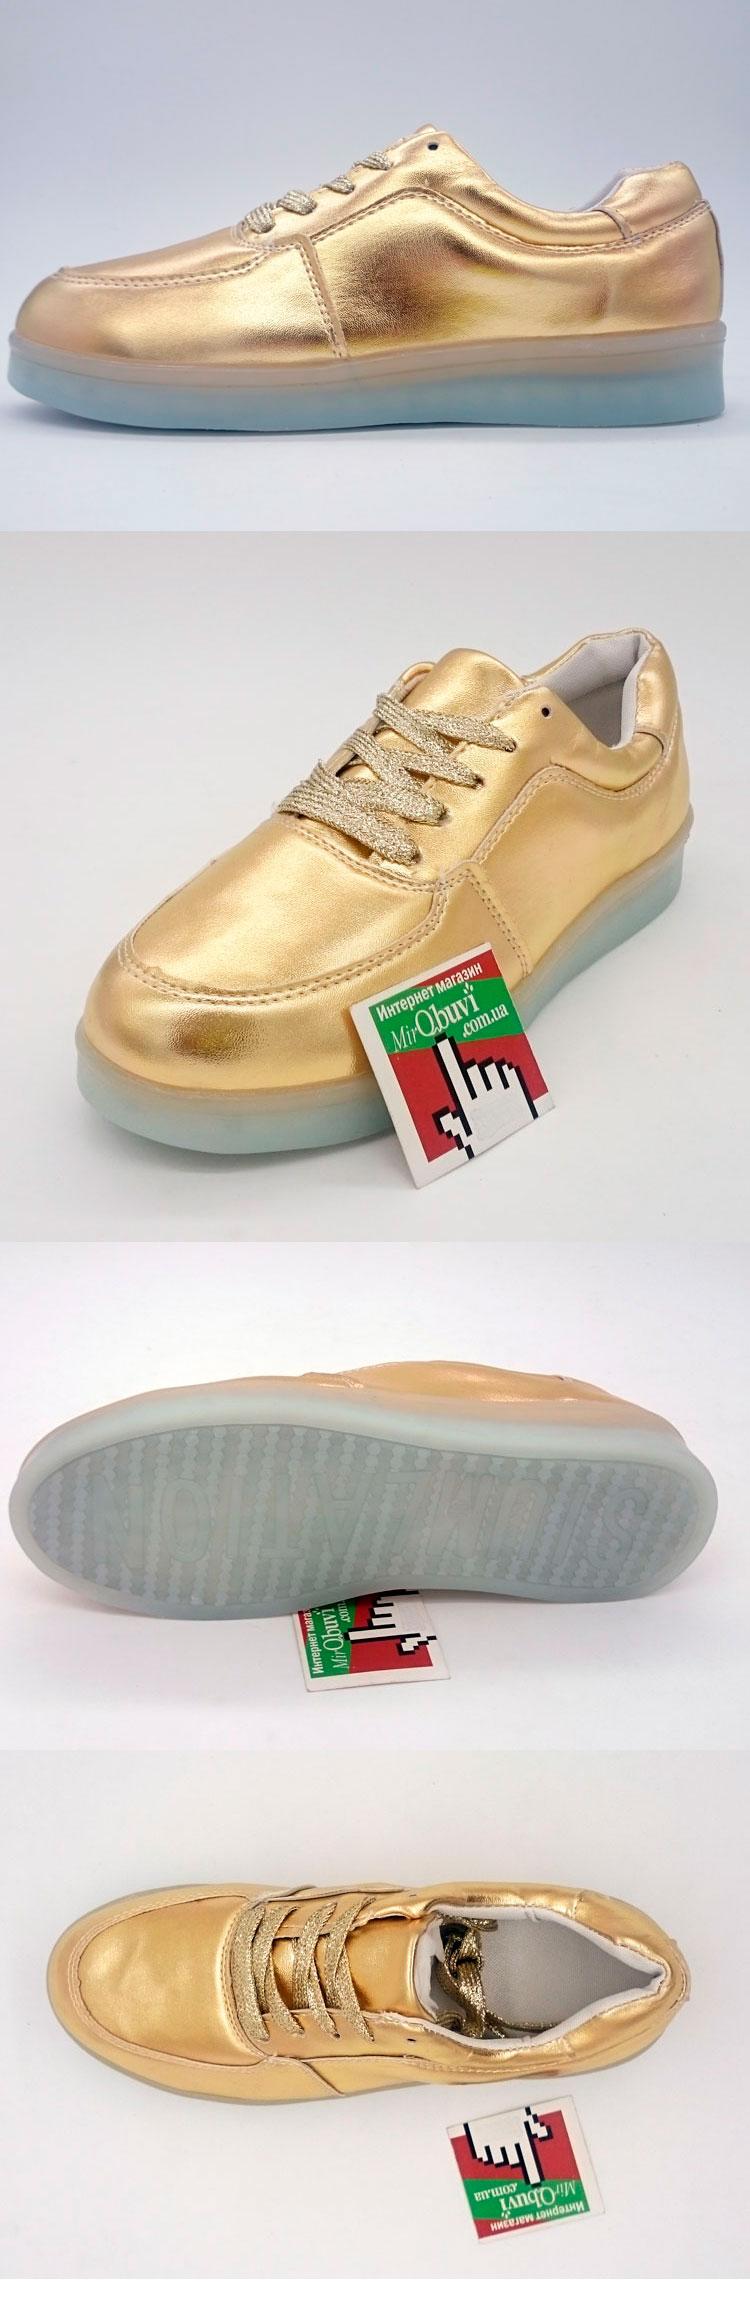 большое фото №5 Светящиеся кроссовки Led низкие золотистые